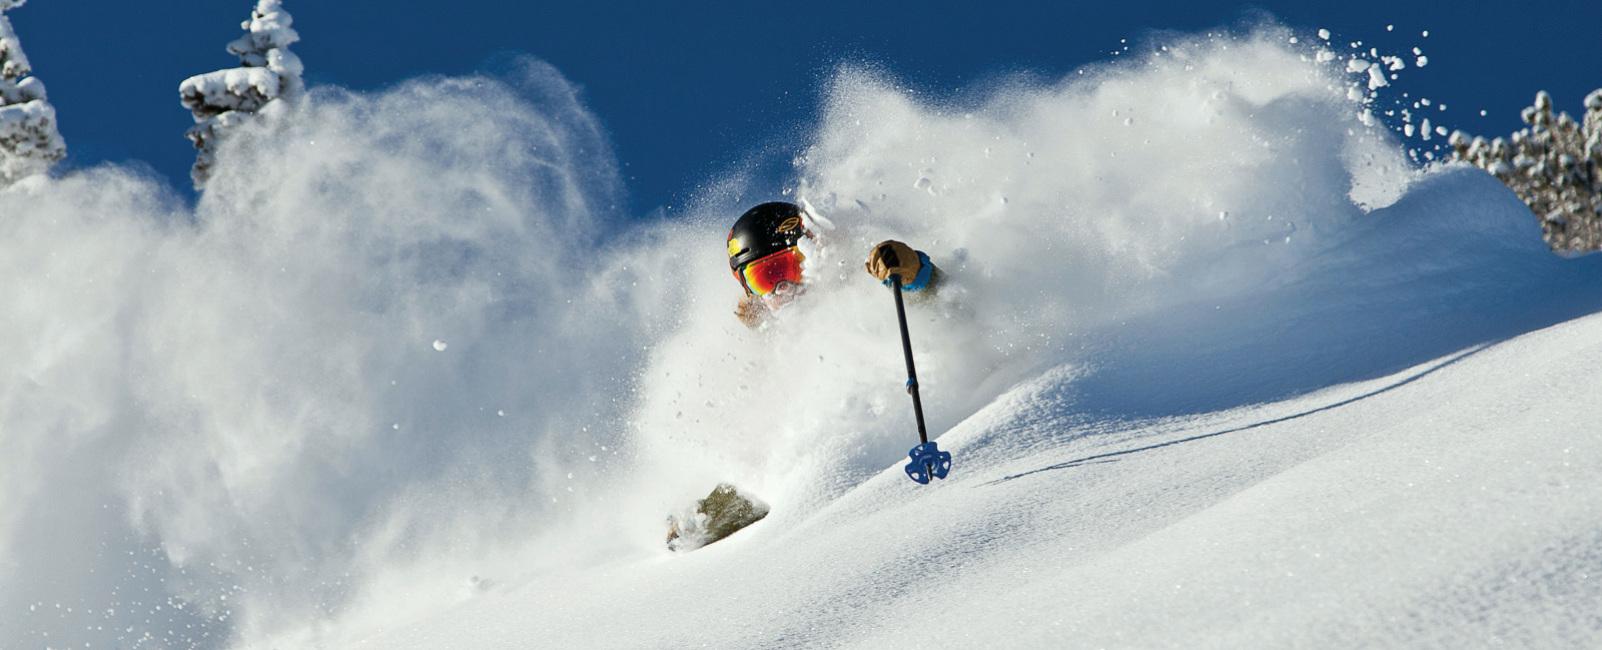 Ensuring Utah Skiing's Future